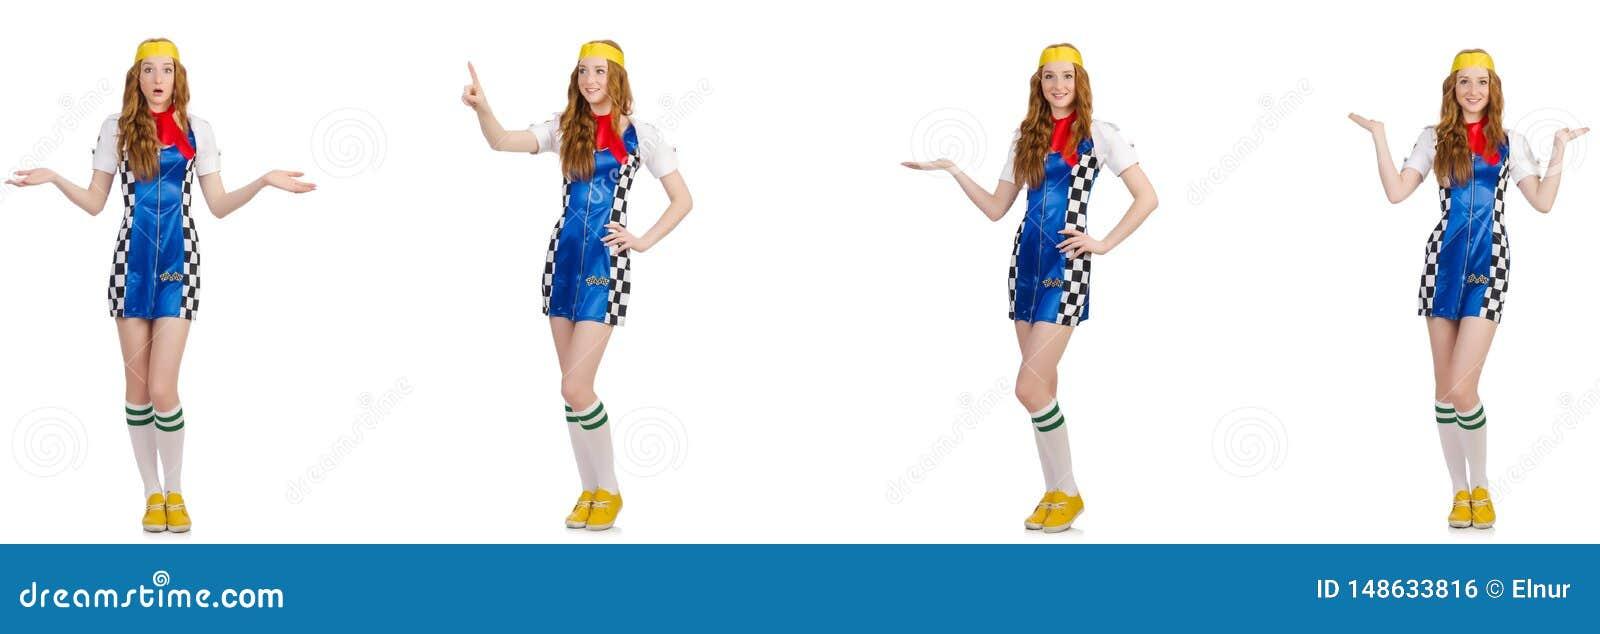 Mulher bonita em vestido checkered